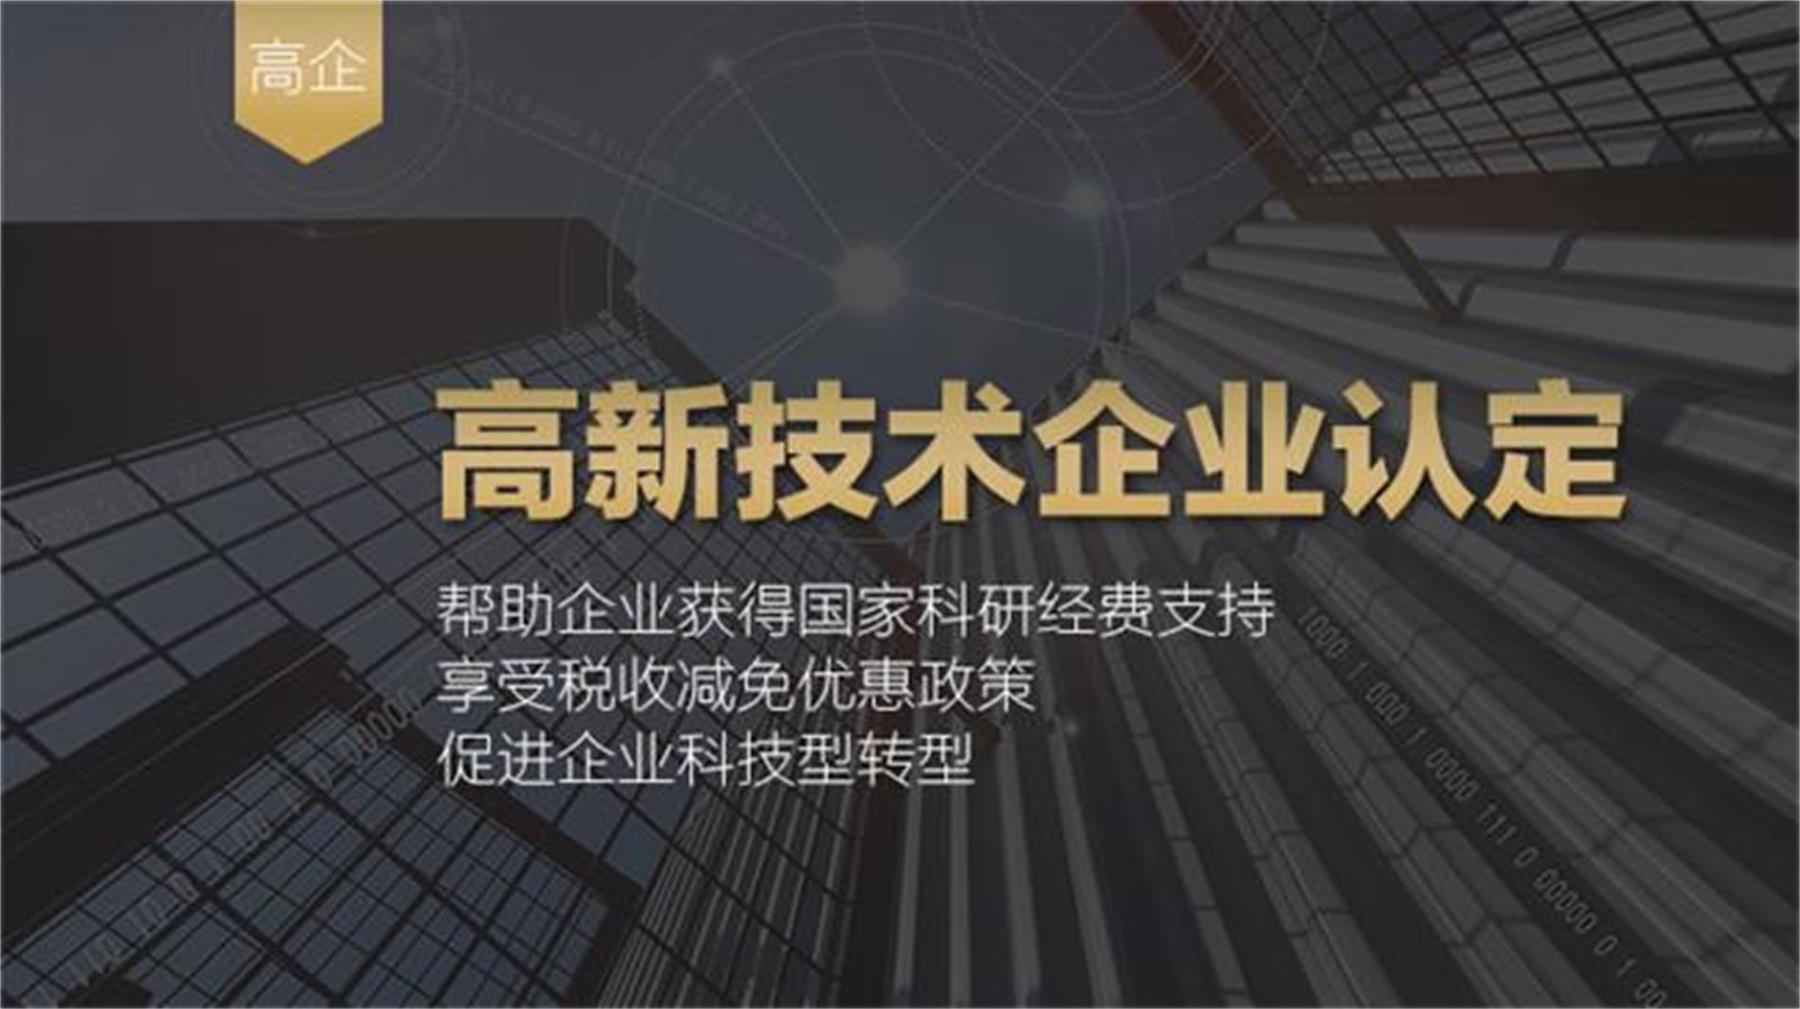 深圳口碑好高新技术企业认定性价比出众,高新技术企业认定